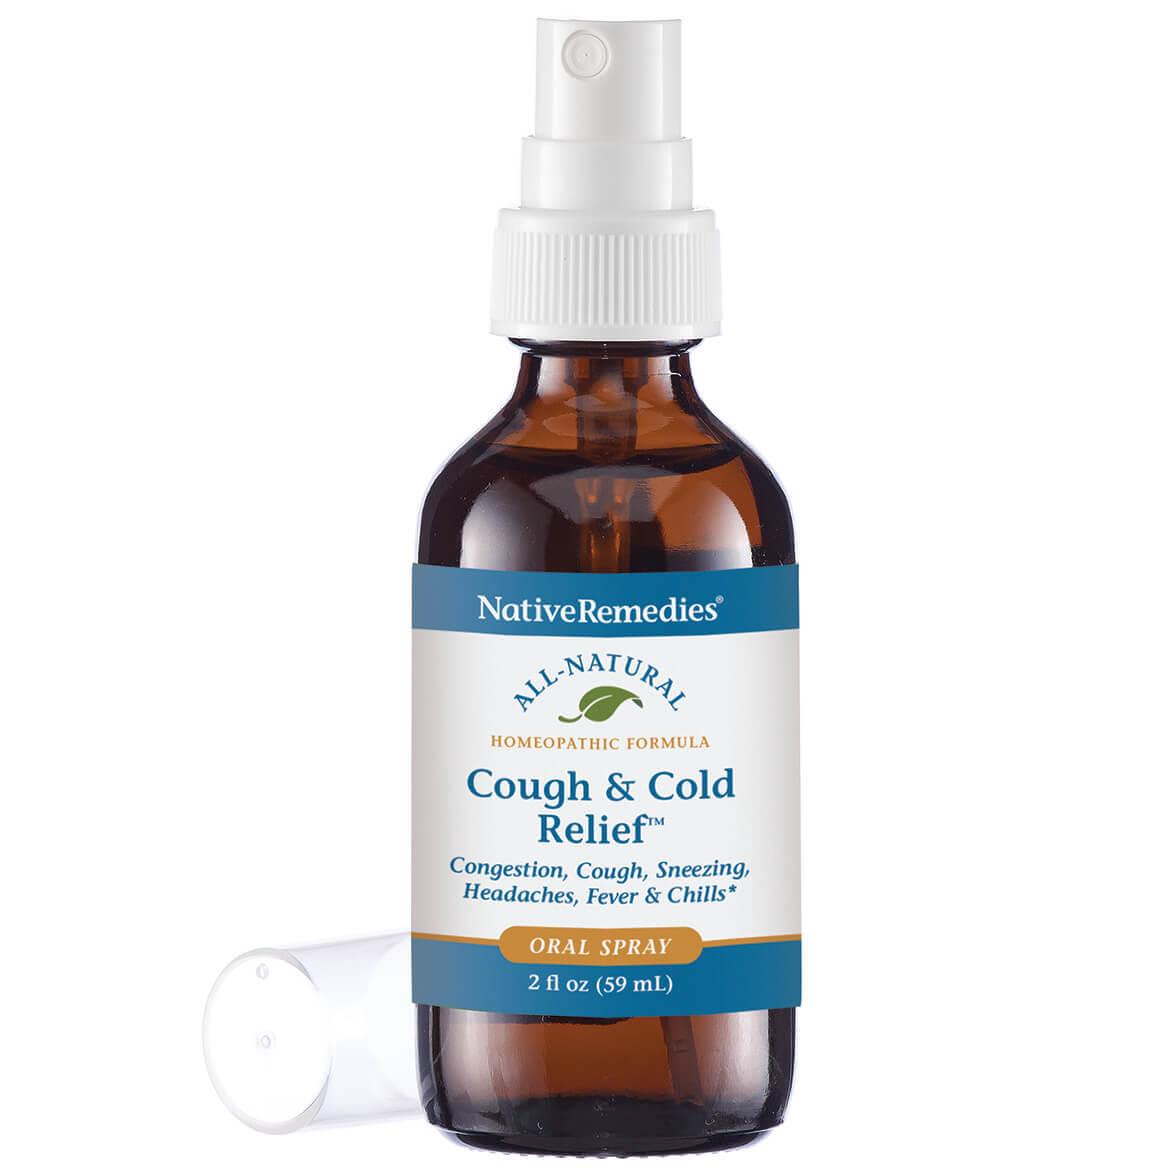 NativeRemedies® Cough & Cold Relief Oral Spray-369549